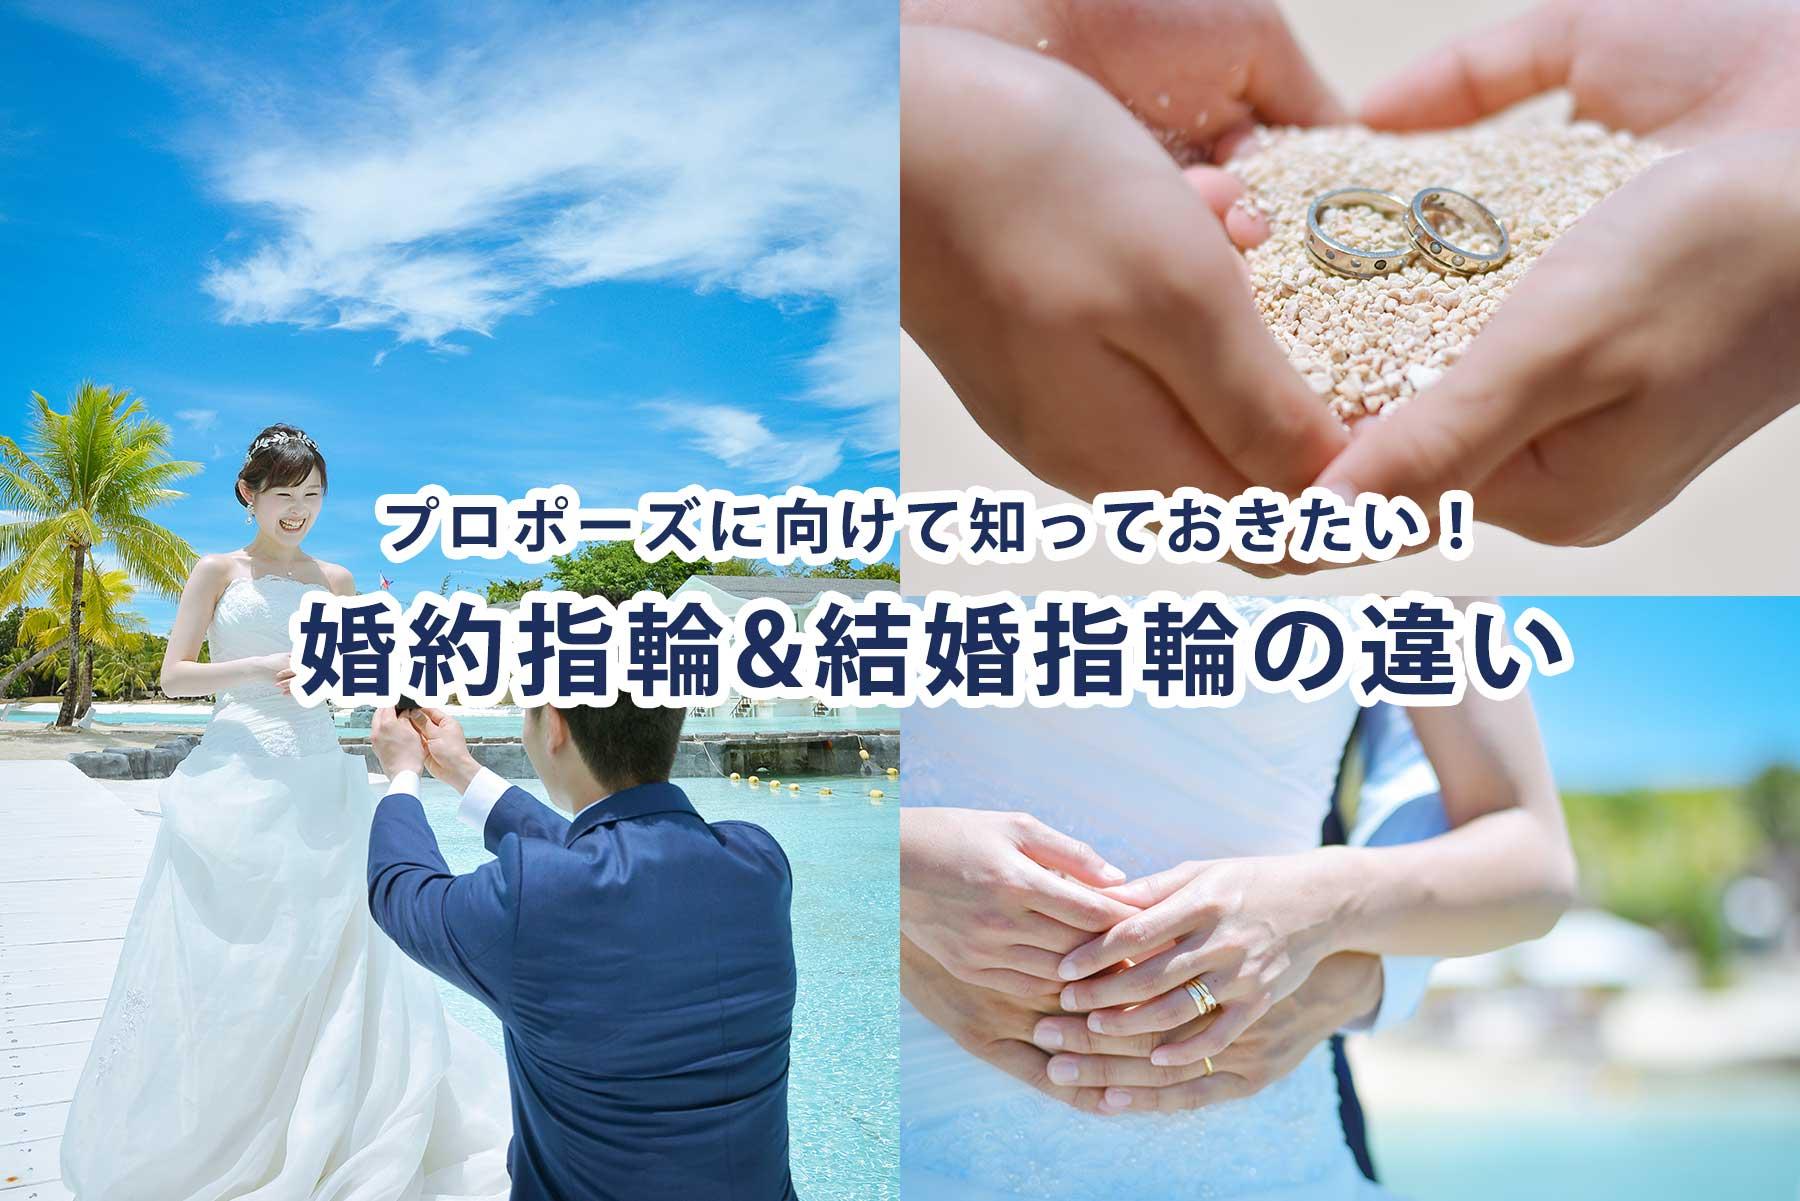 プロポーズに向けて知っておきたい婚約指輪と結婚指輪の違い